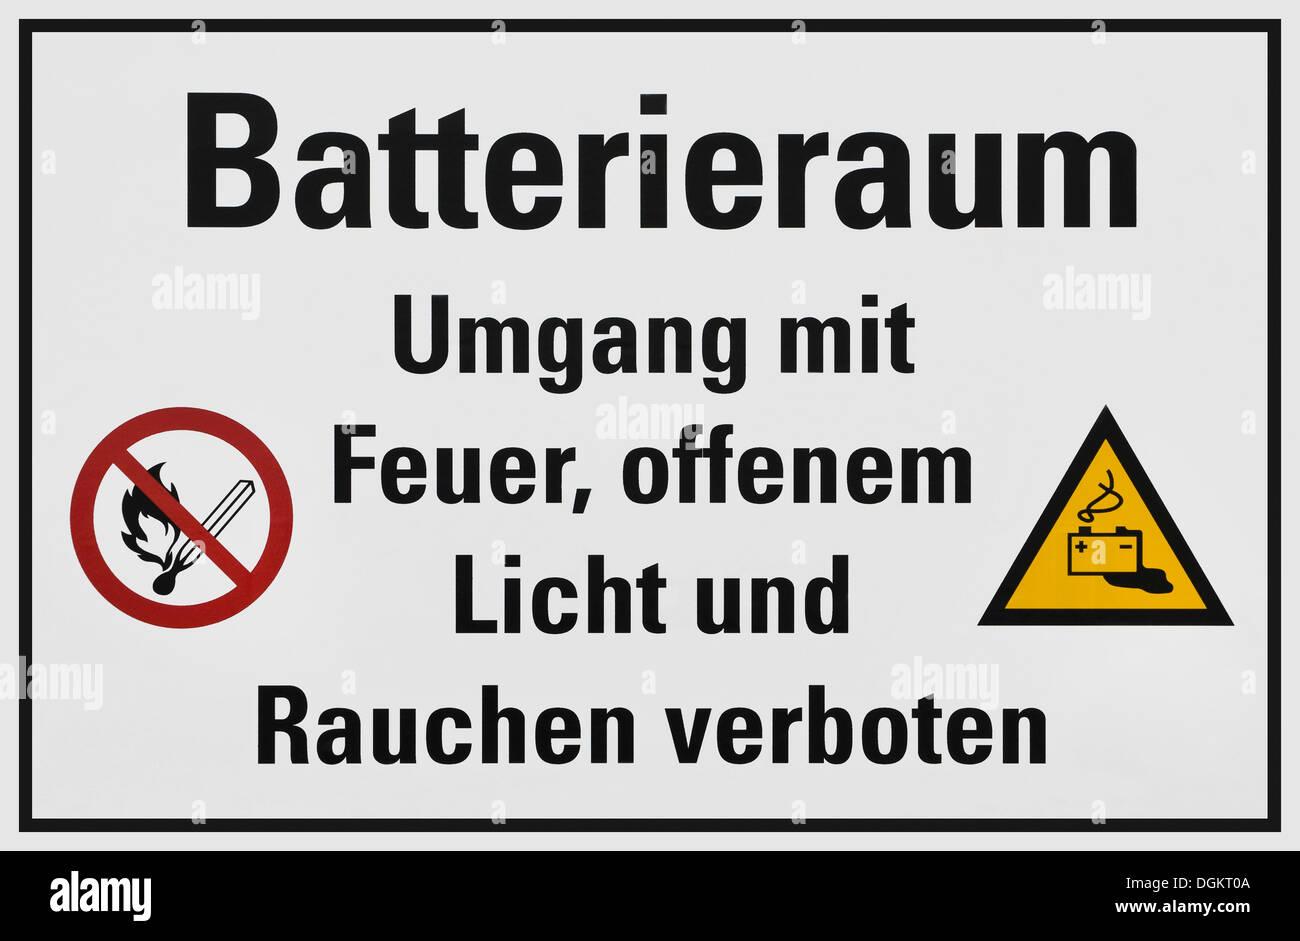 Sign, Batterieraum Umgang mit Feuer, offenem Licht und Rauchen verboten, German for battery room, no open fire, no smoking - Stock Image